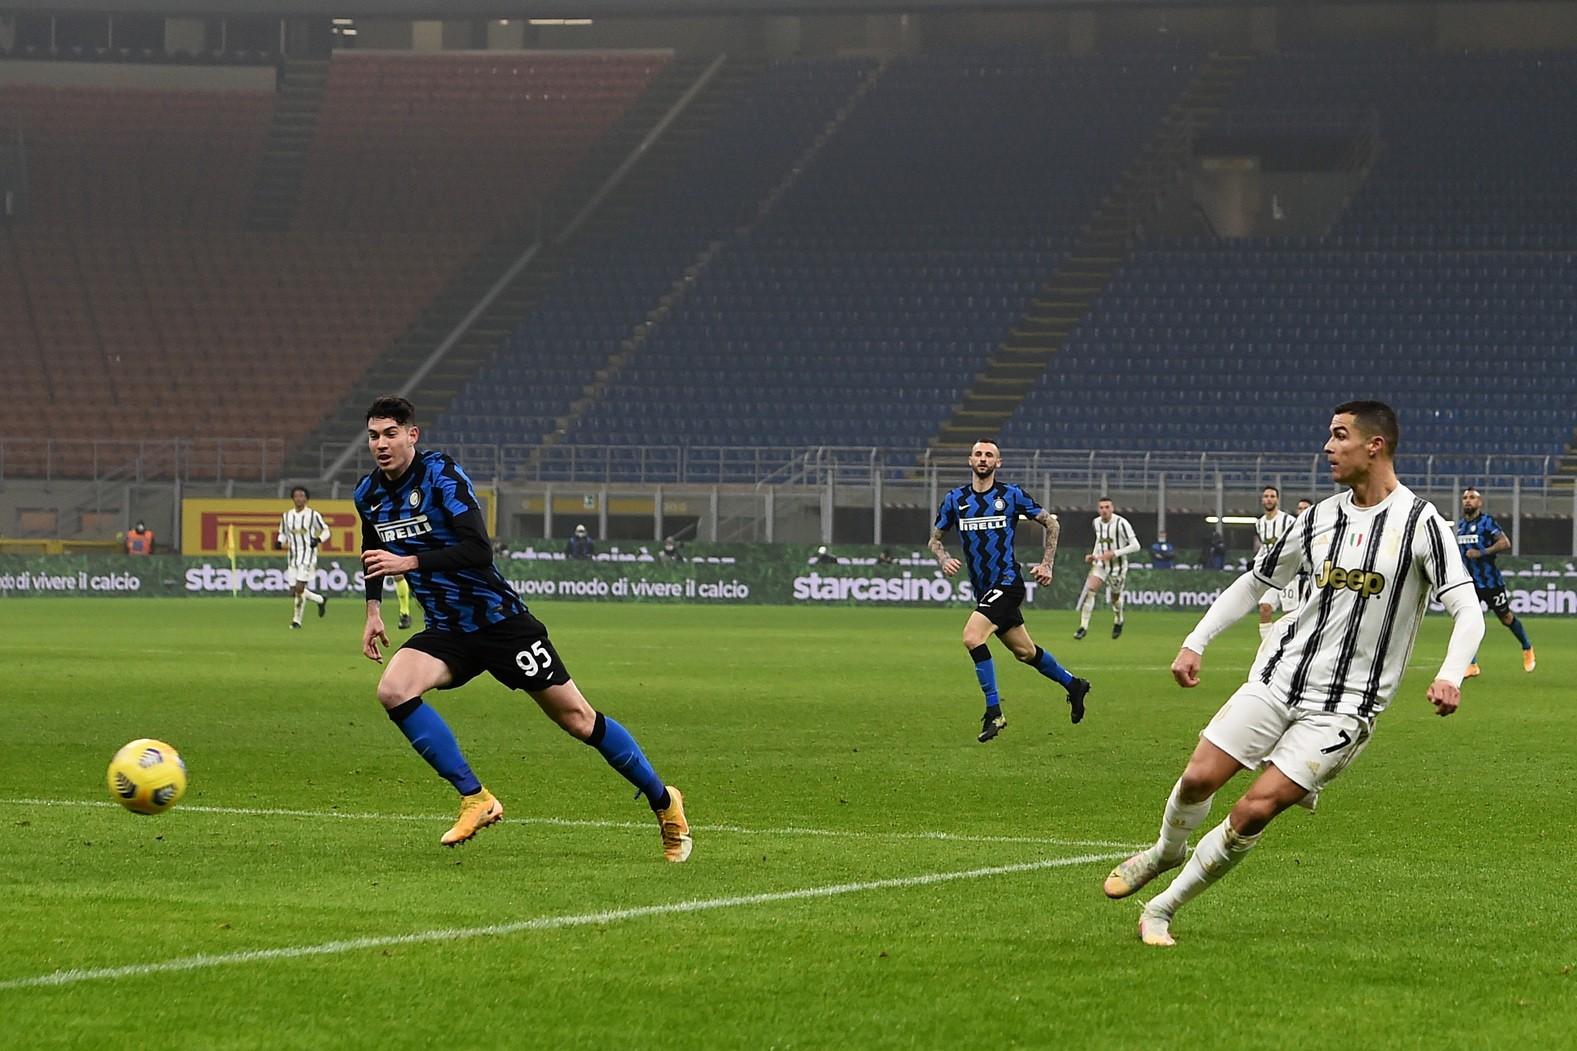 Il Napolista: Cr7 gioca solo contro 21, polemica sul web |  Sport e Vai